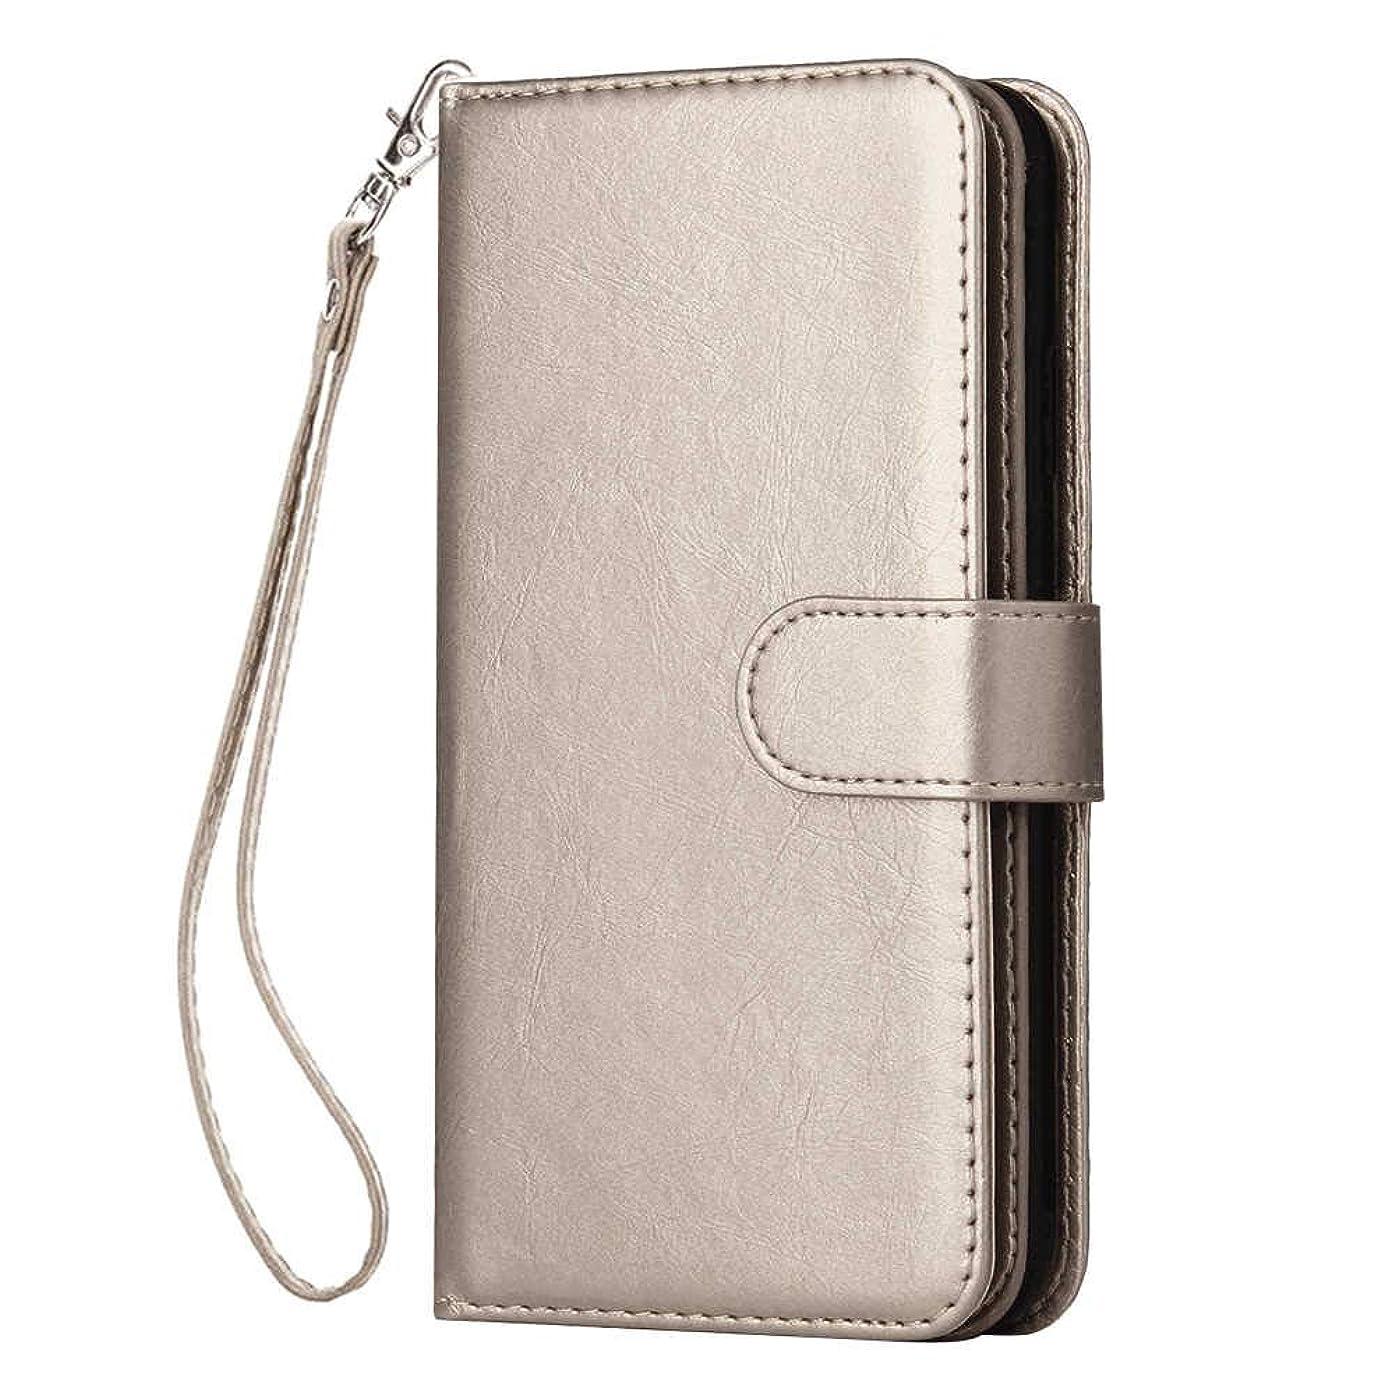 機会自分自身真珠のようなSamsung Galaxy ノート Note8 PUレザー ケース, 手帳型 ケース 本革 財布 カバー収納 スマホケース 高級 ビジネス 手帳型ケース Samsung Galaxy サムスン ギャラクシー ノート Note8 レザーケース